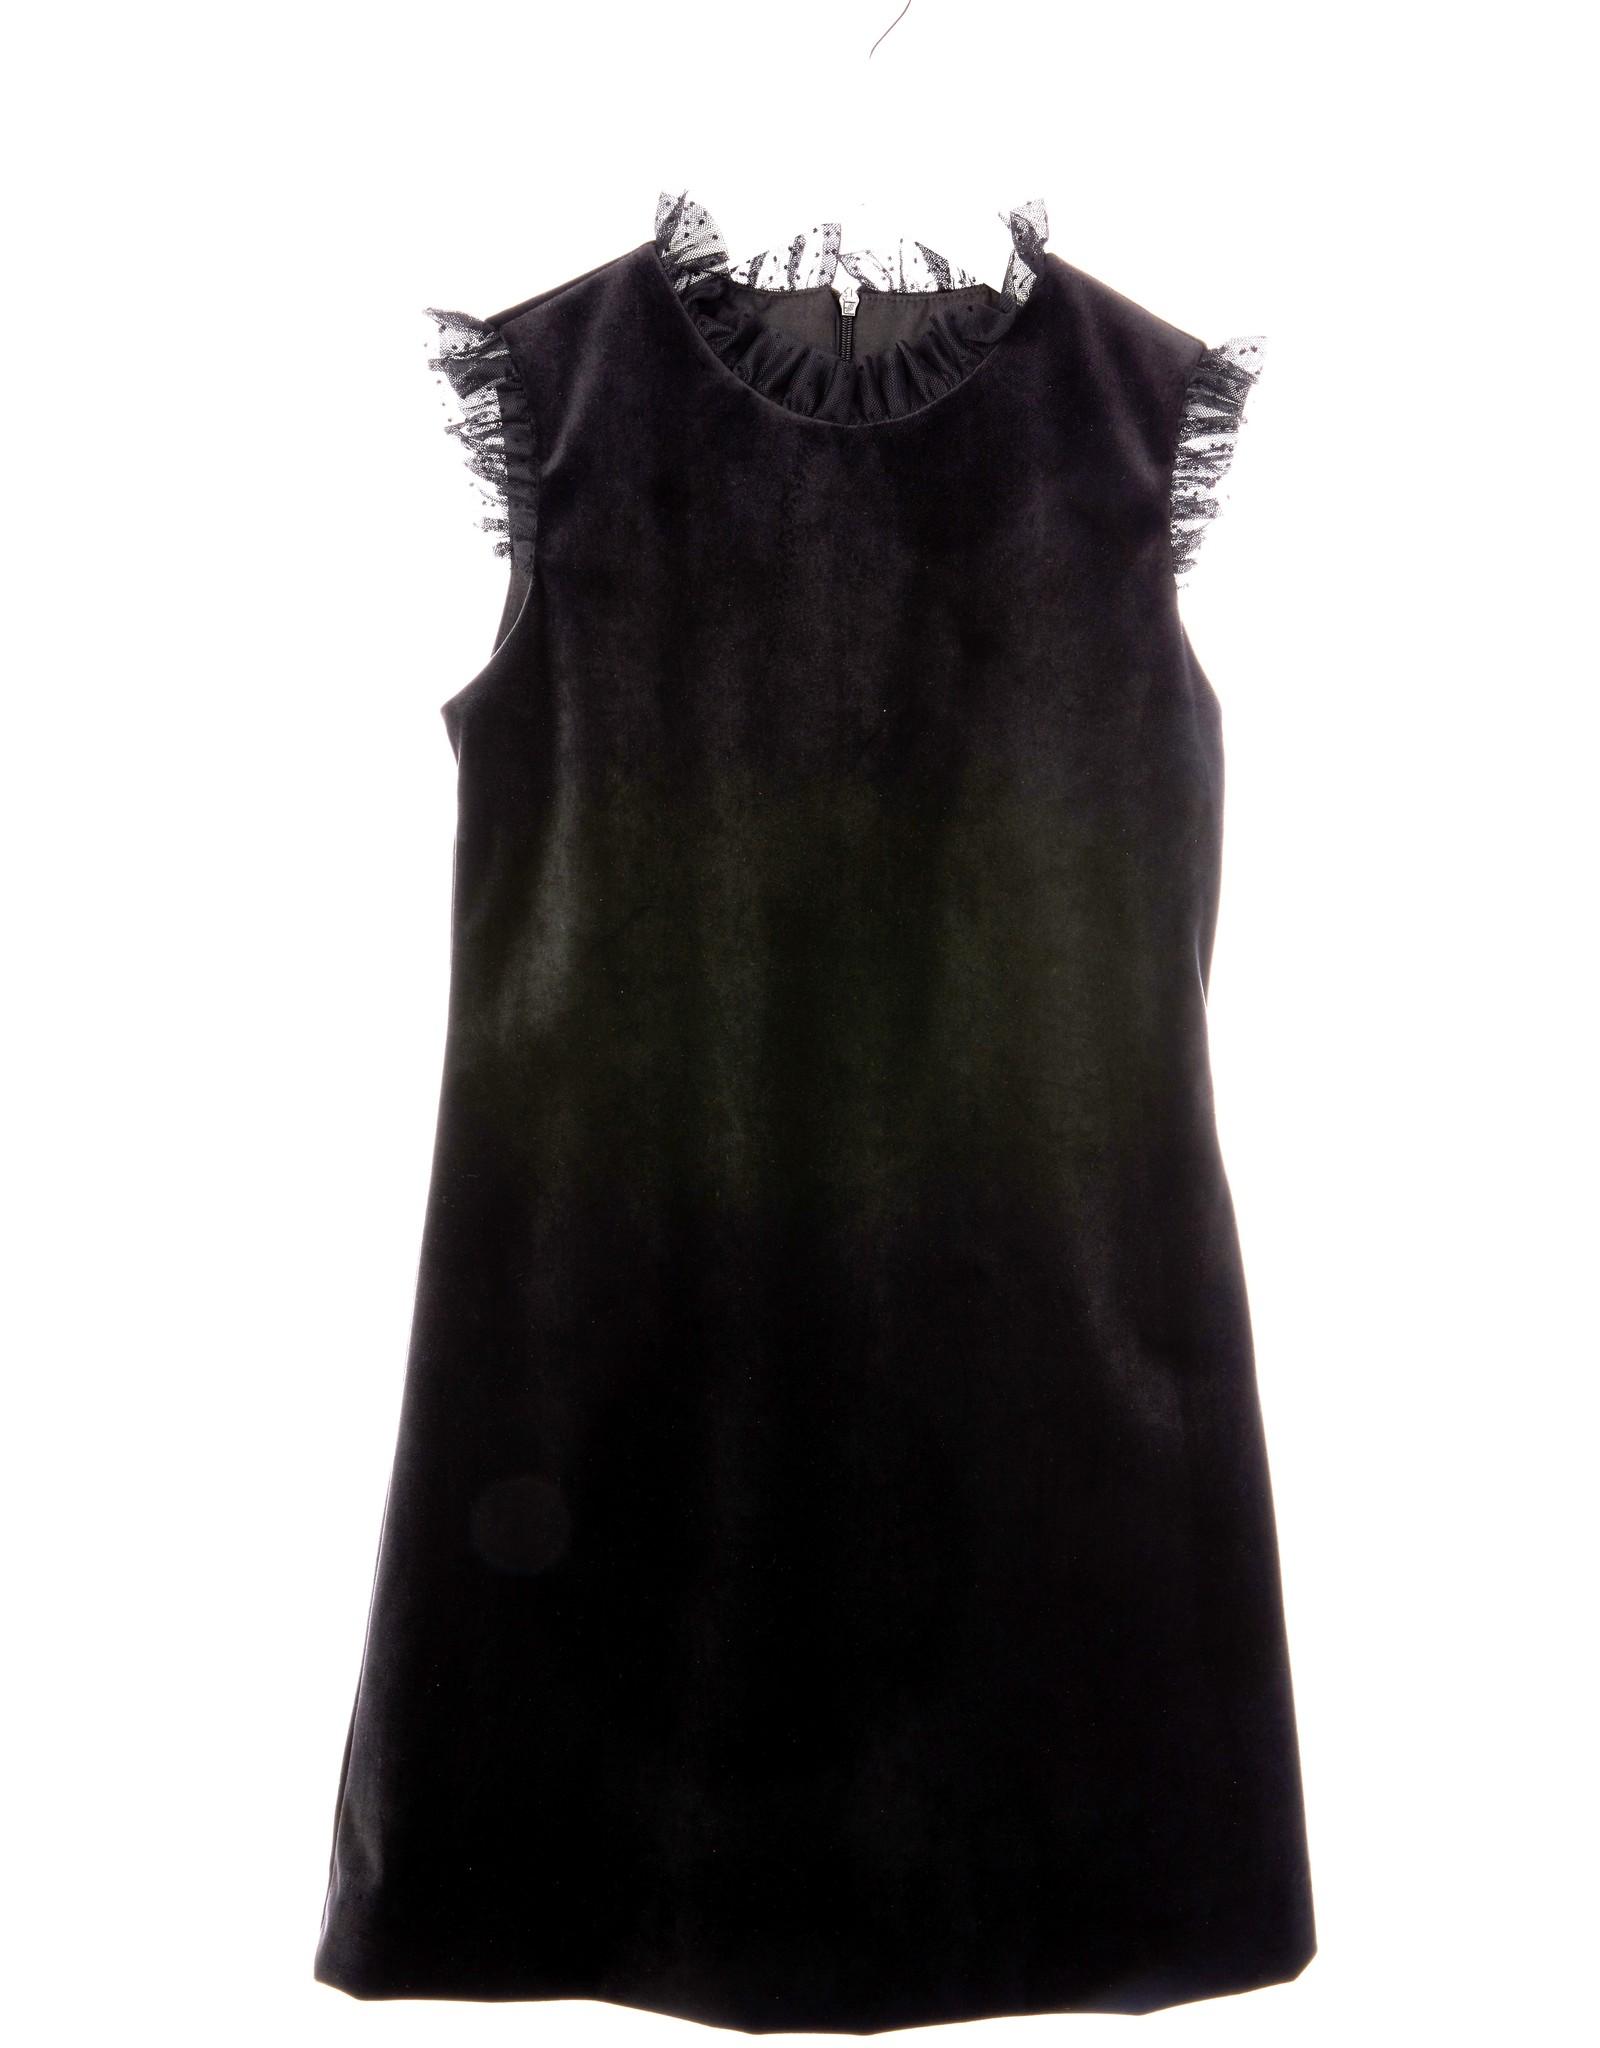 Black Velvet Dress With Black Tulle Ruffles 6928 Four And Twenty Sailors